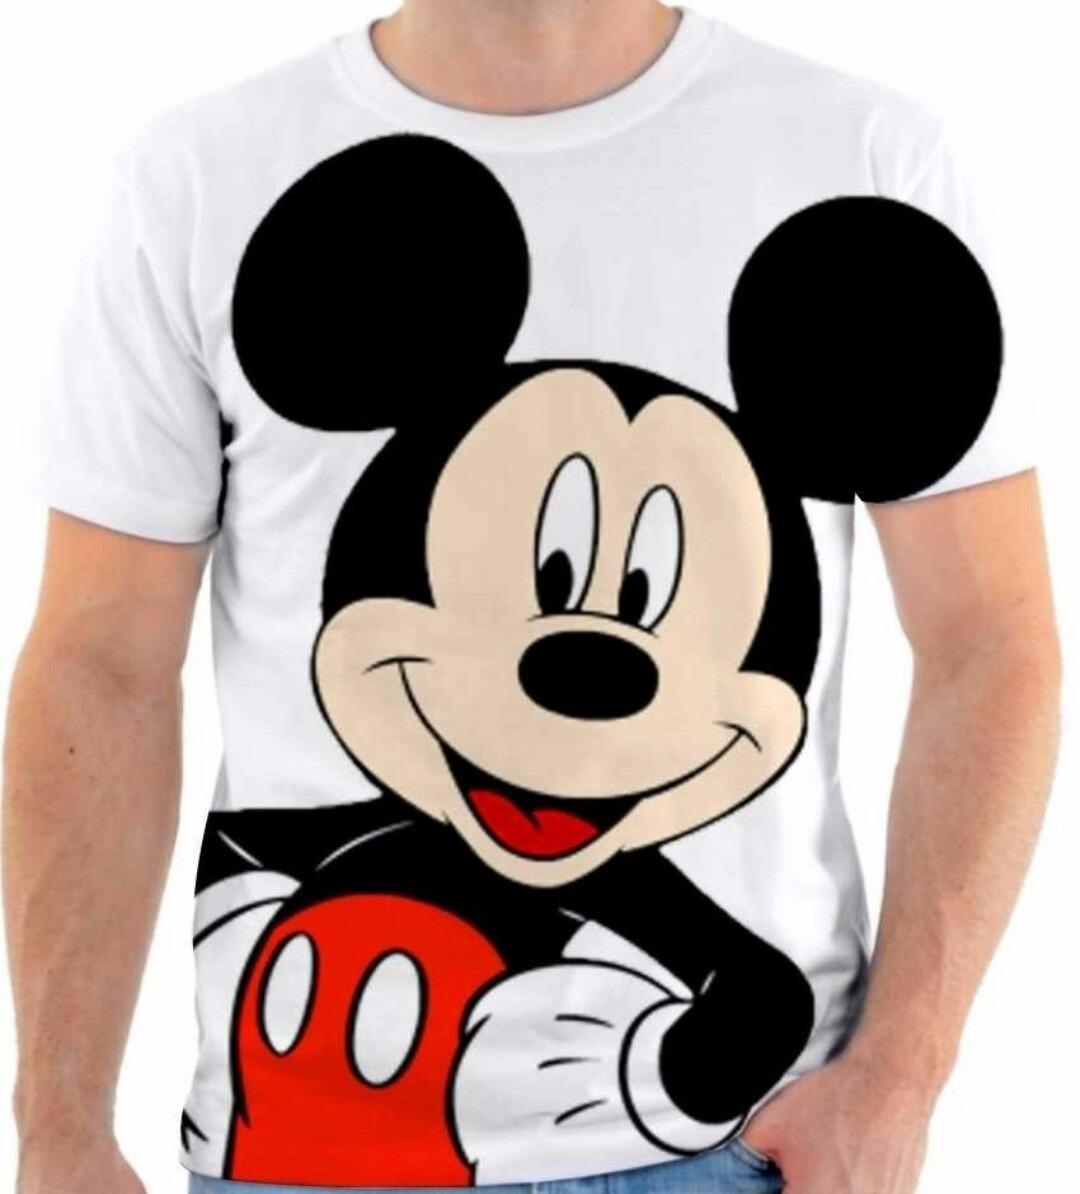 Camiseta Camisa Blusa Mikey Mouse Desenho Animado Disney 02 R